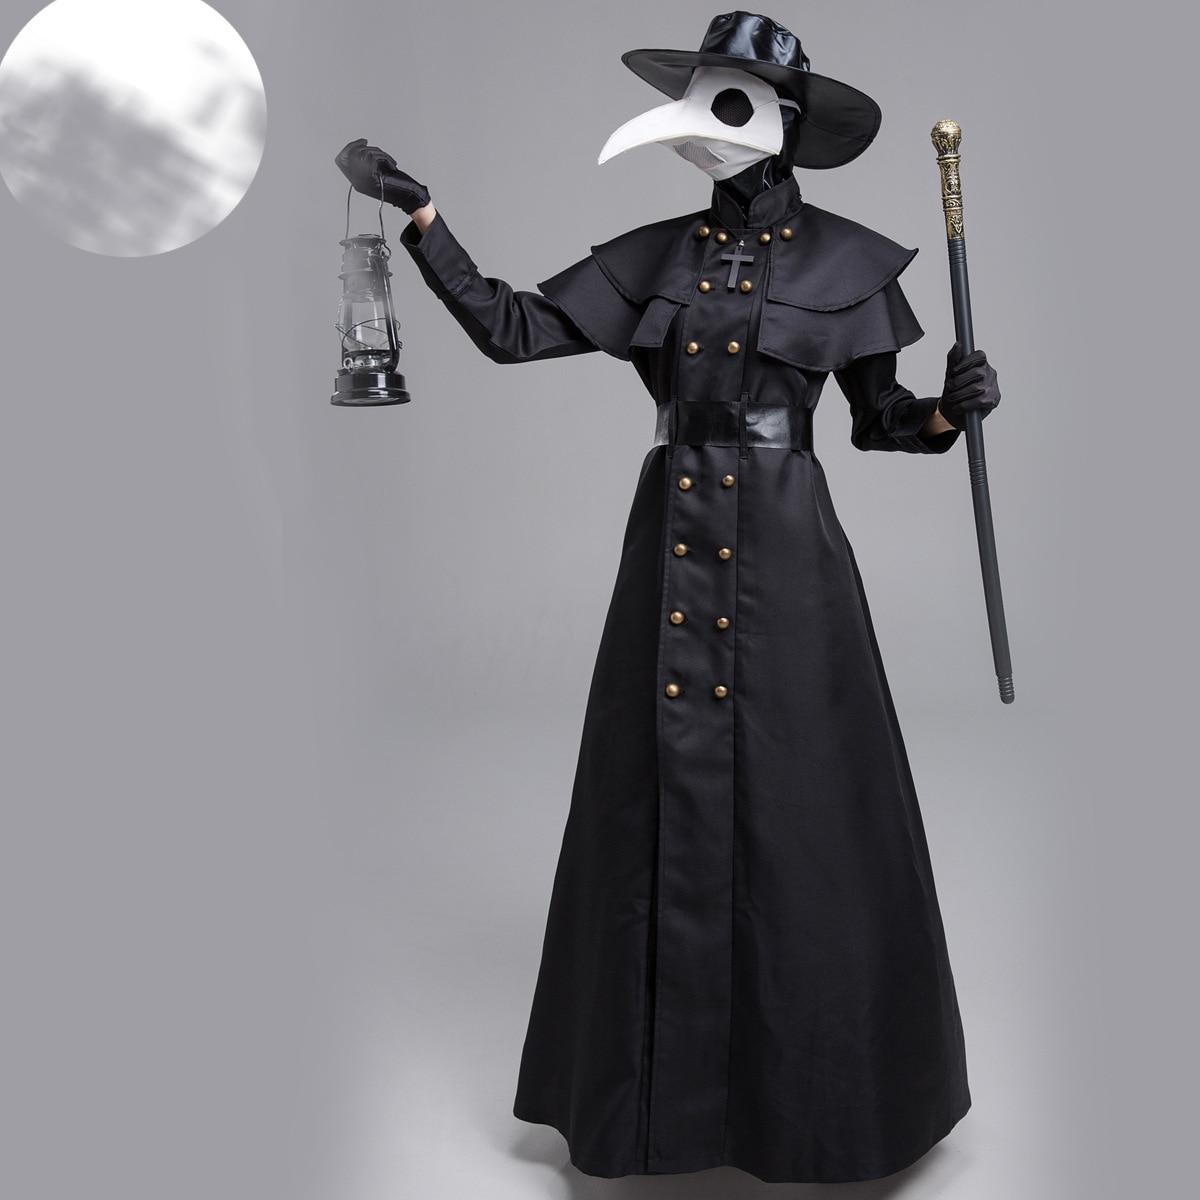 Костюм Чумного доктора, длинный халат, накидка в стиле стимпанк, маска с клювом с птицами, костюм Доктора чумы для косплея, костюмы на Хэллоу...